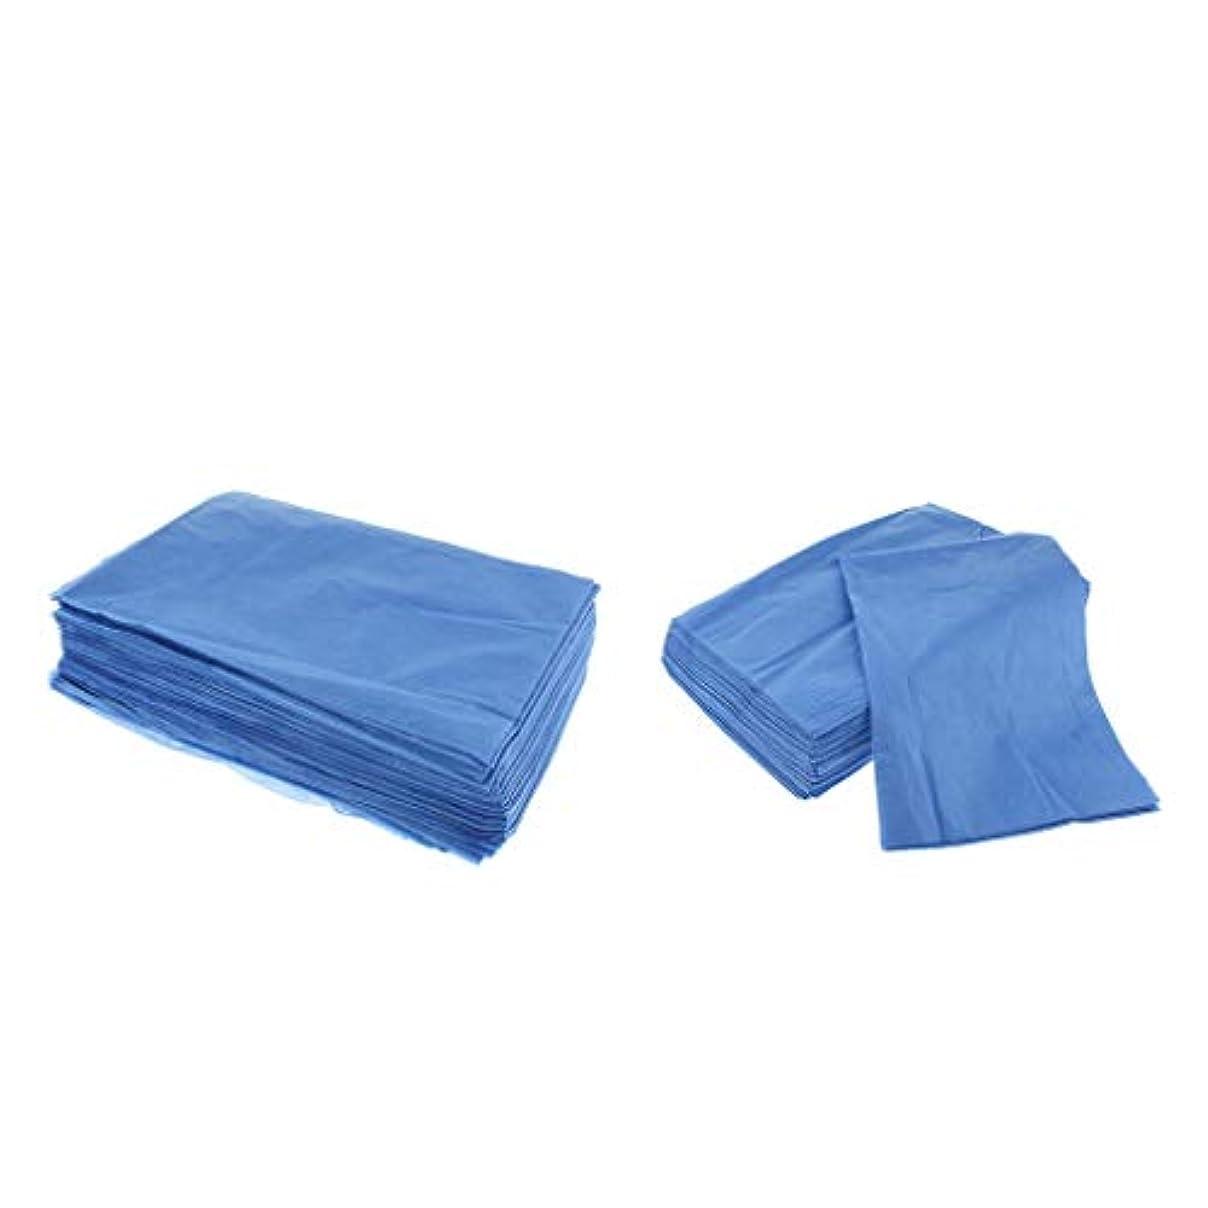 一回たぶん喜びdailymall 40ピース使い捨て防水美容マッサージサロンホテルベッドパッドカバーシート-ブルー-31.5 X 70.9インチ